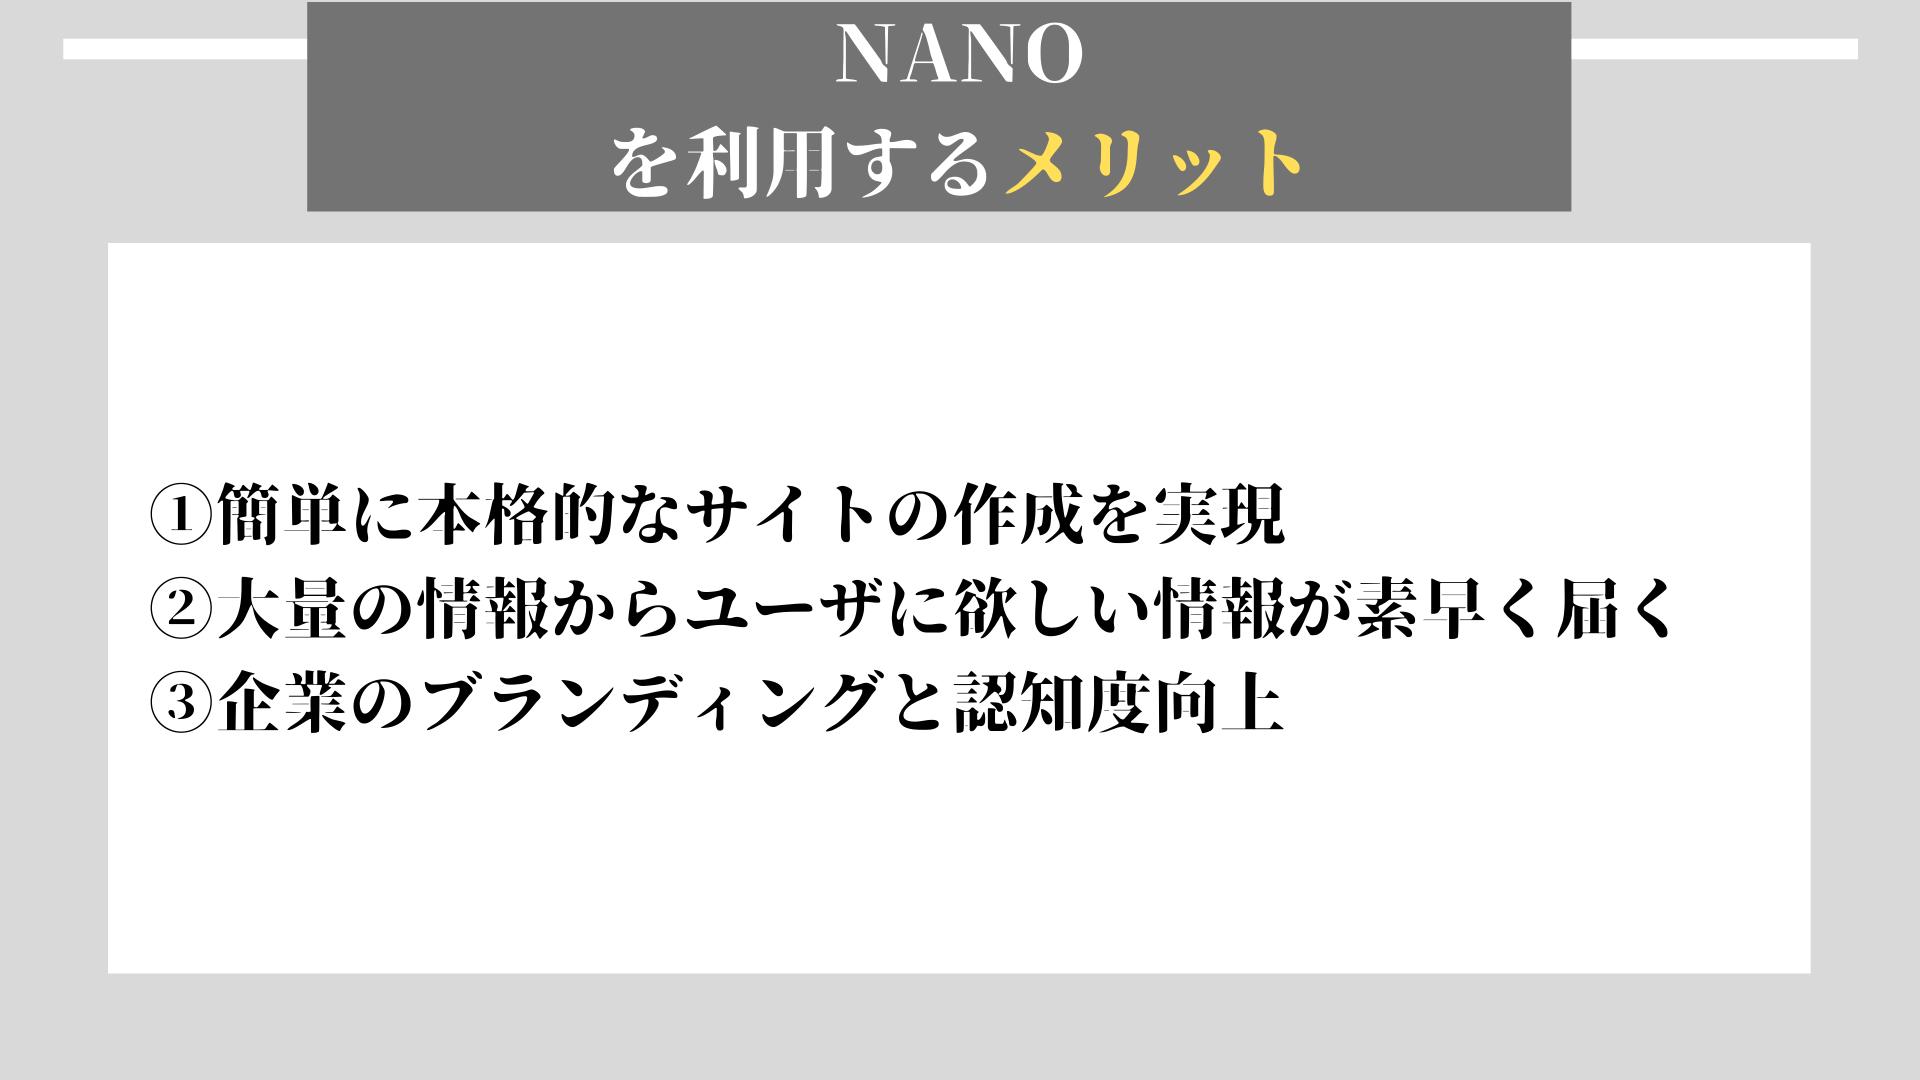 NANO メリット